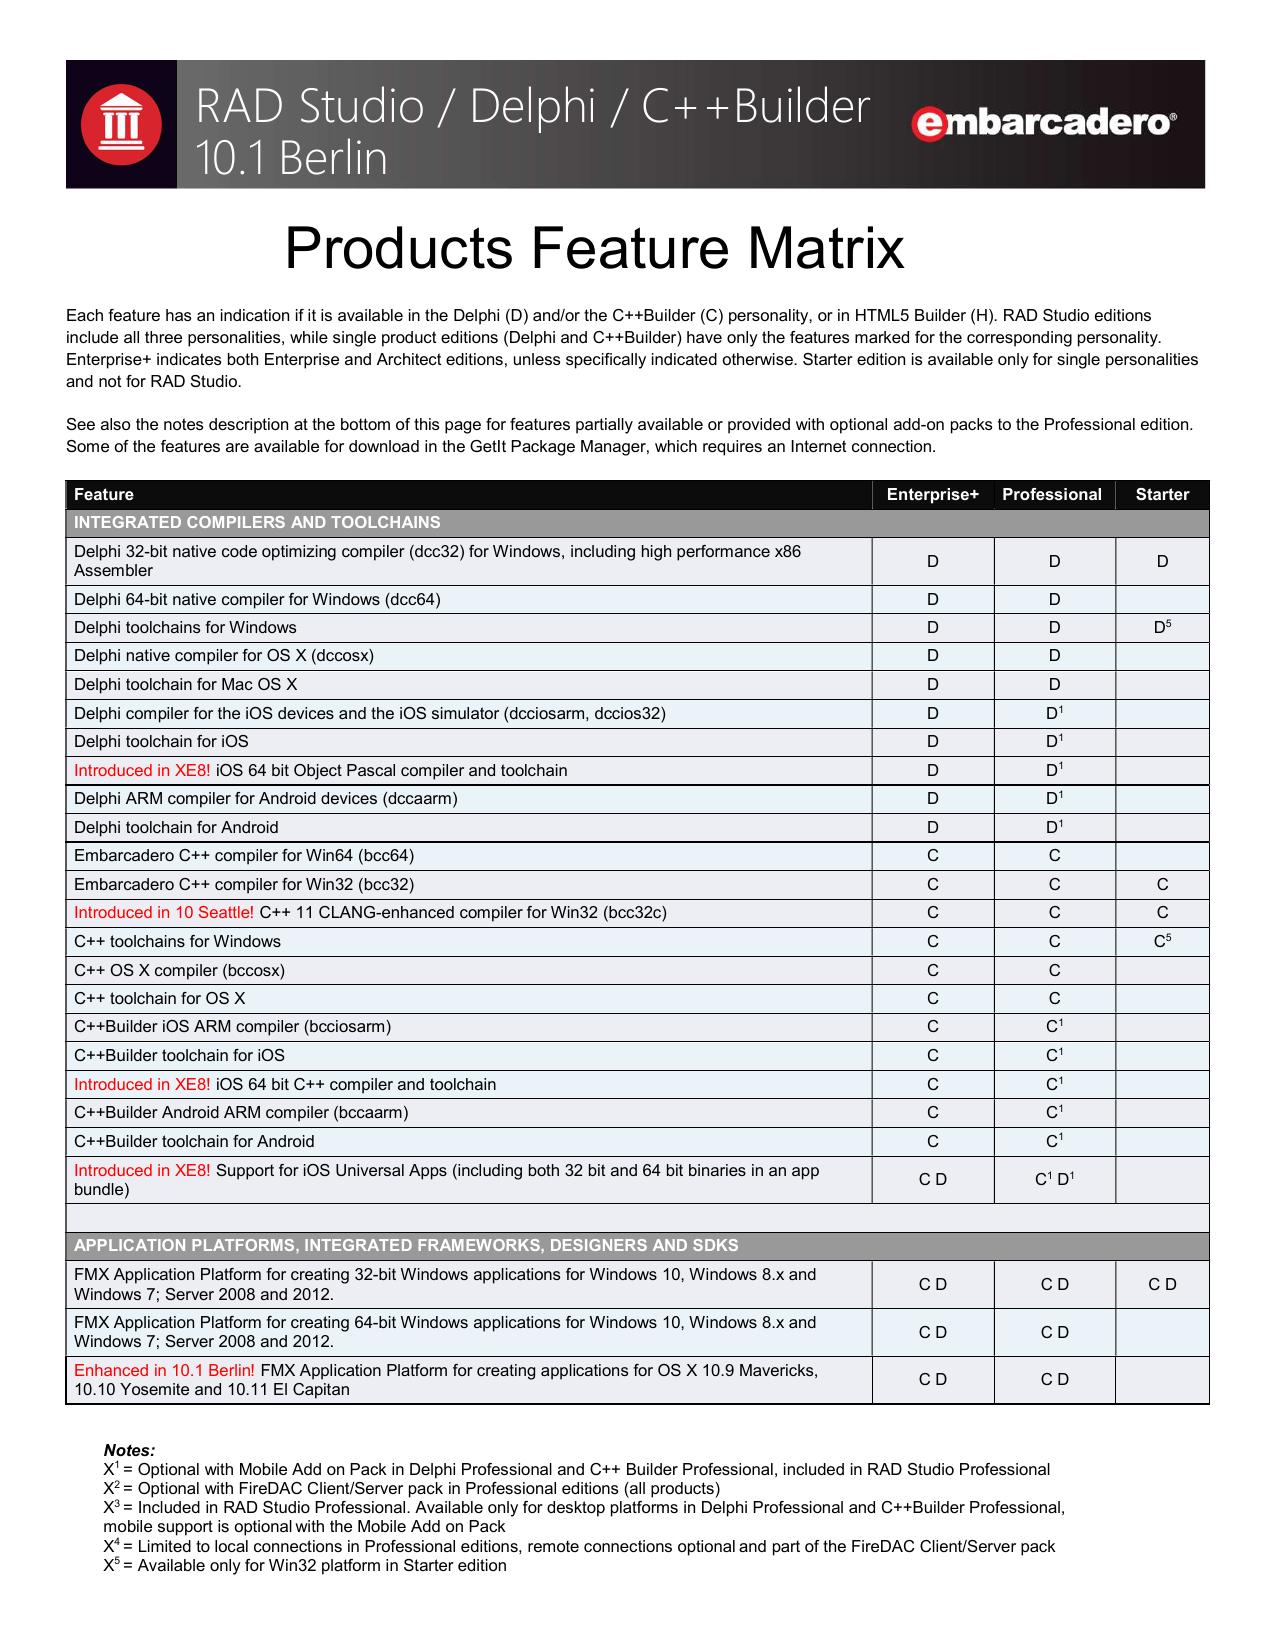 Products Feature Matrix   manualzz com